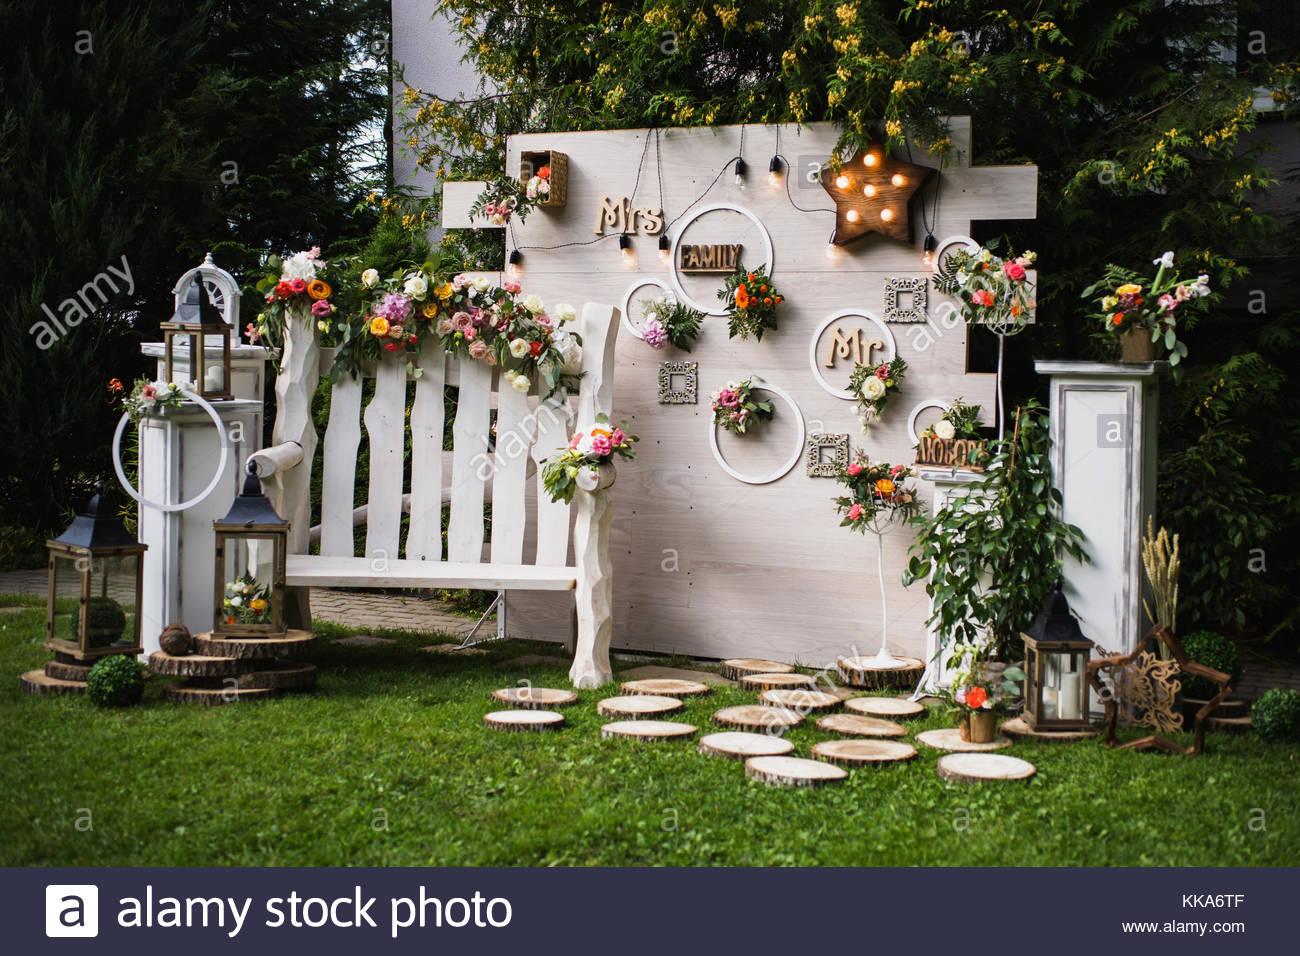 Blumen Landhausstil schöne ungewöhnliche hochzeit dekor landhausstil bank an der wand